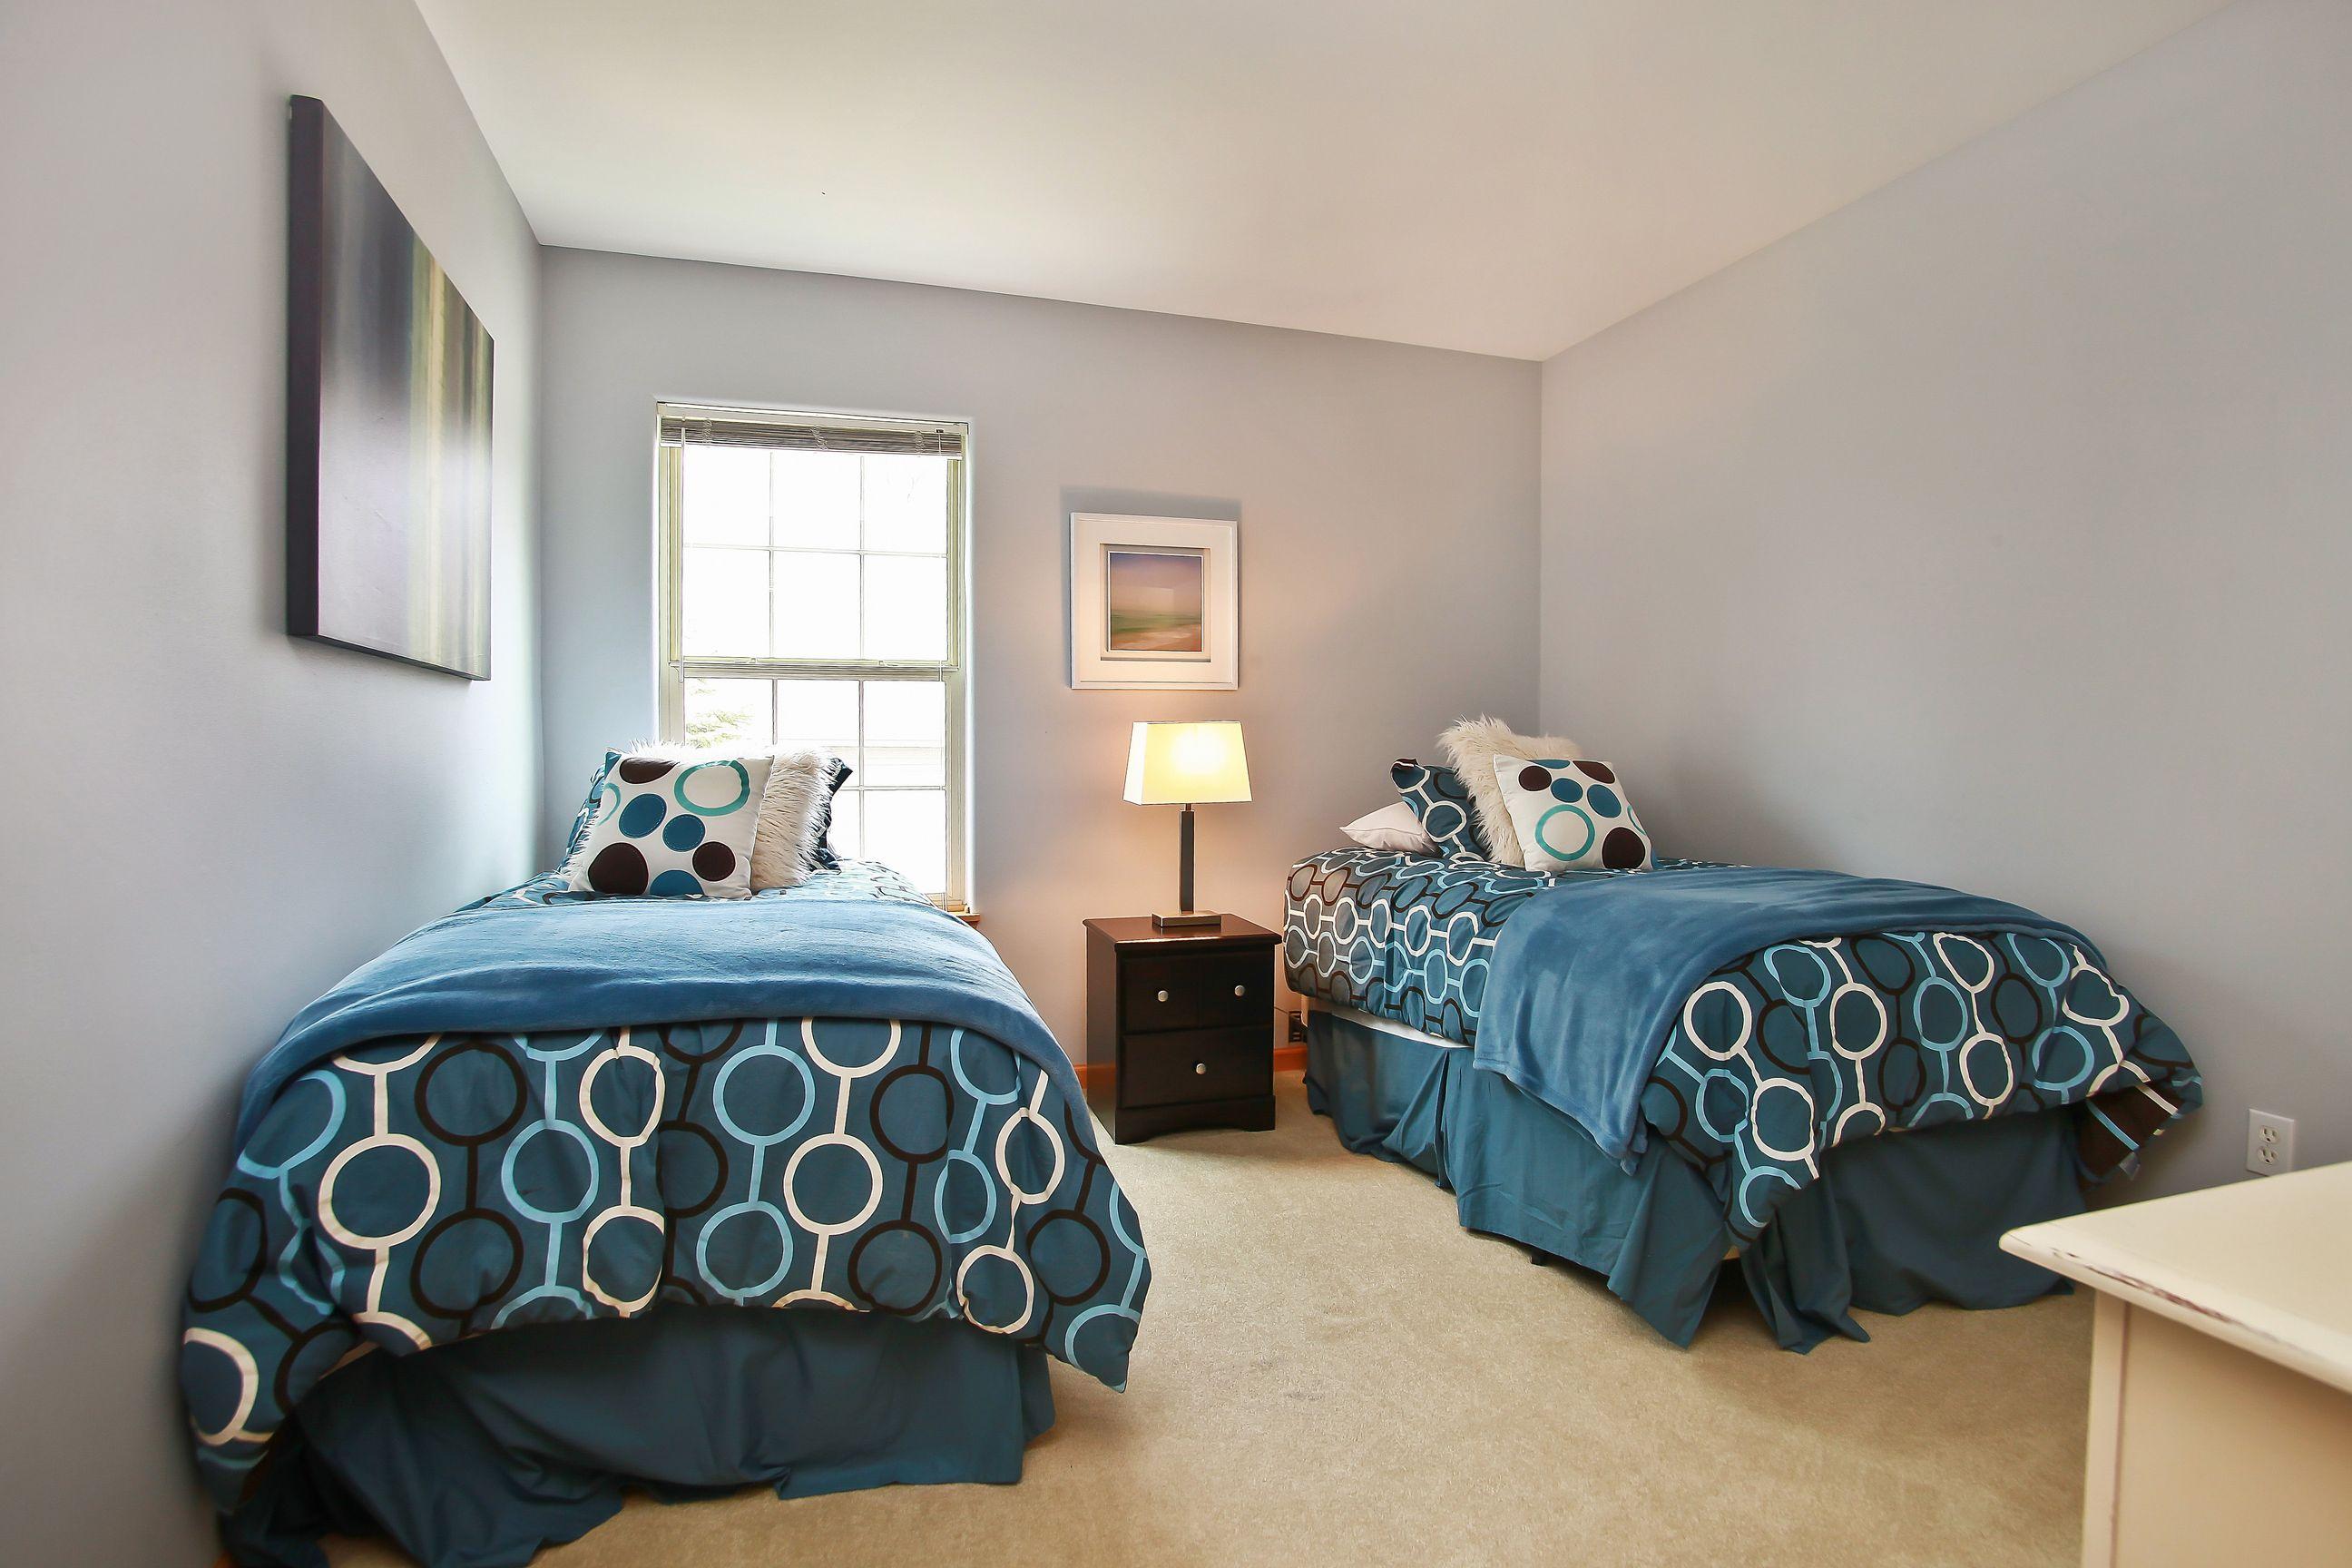 16_W5619WestshoreDrive_18001_Bedroom_HiRes.jpg